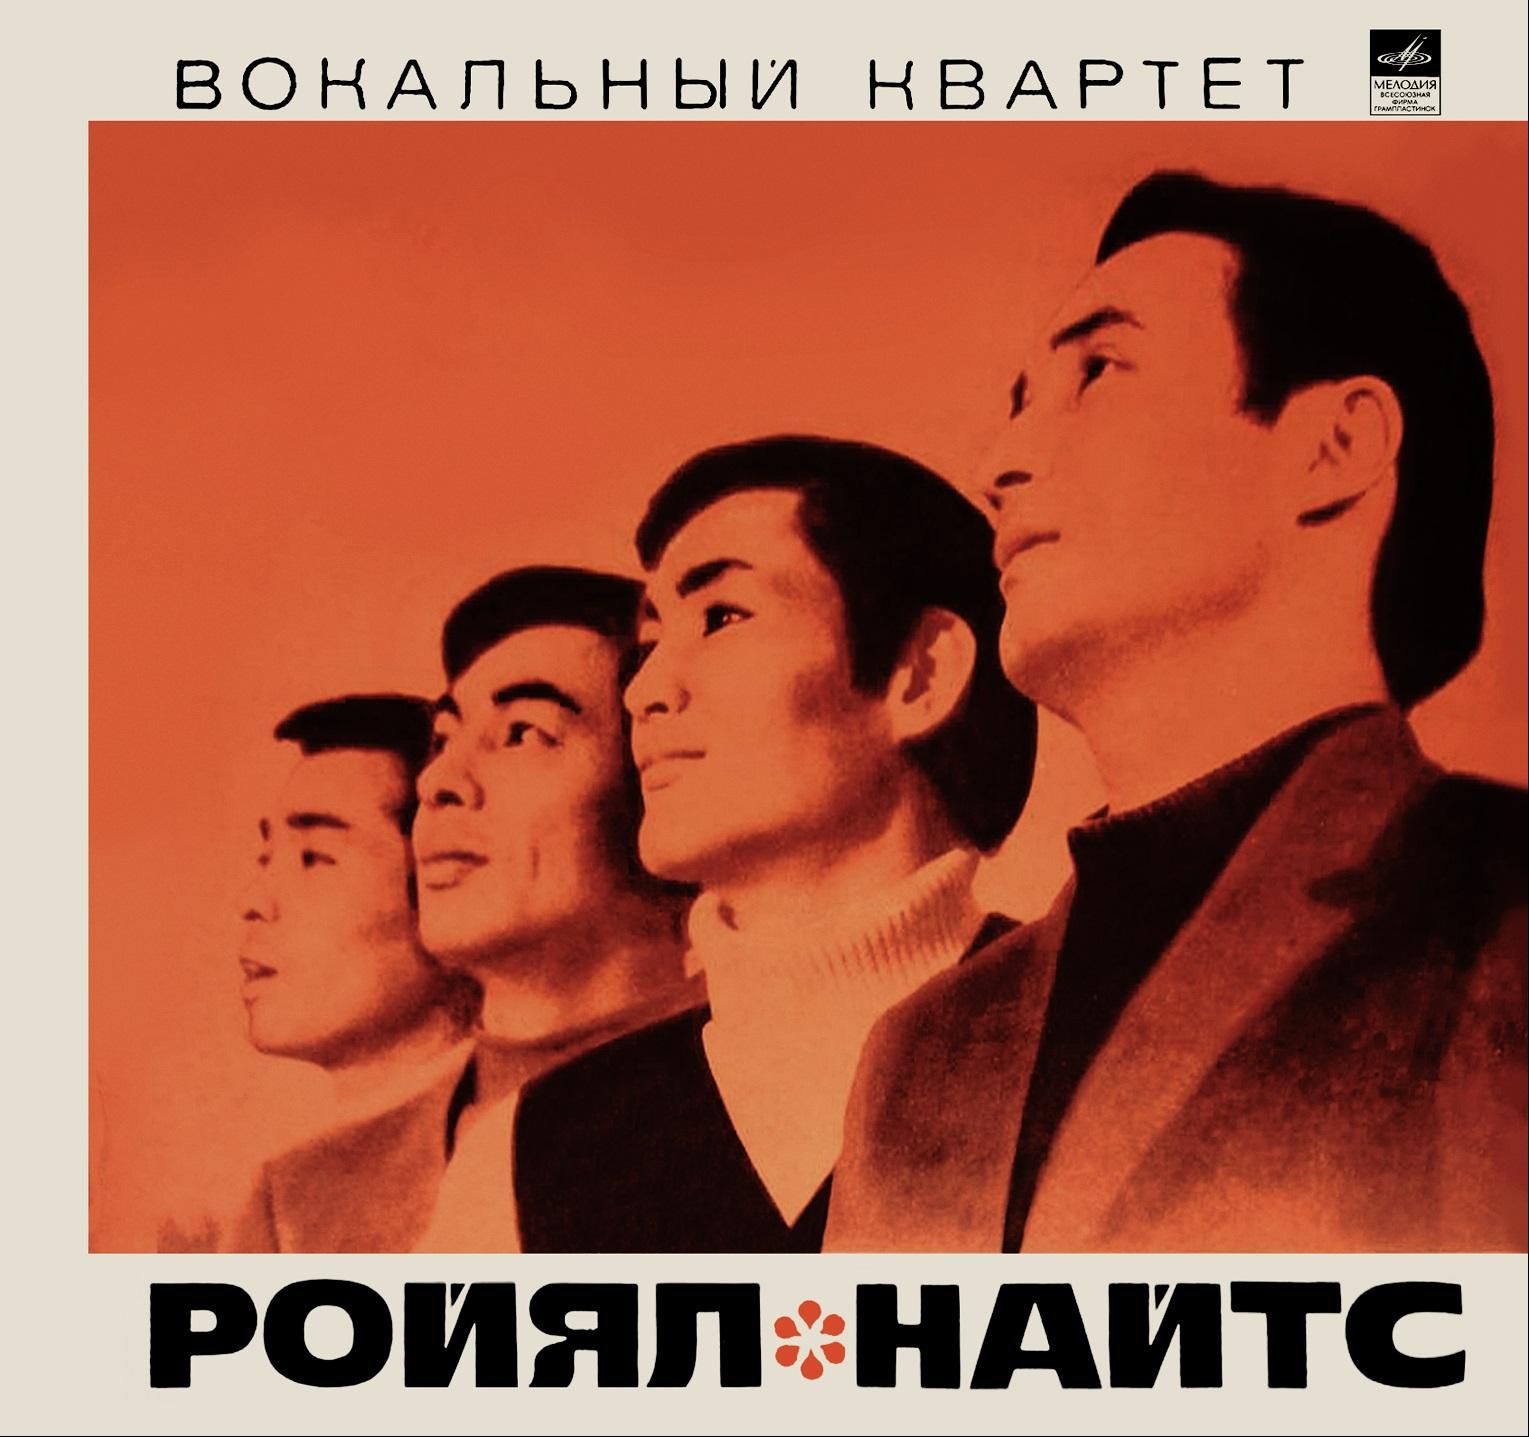 <b>Вокальный квартет «Ройял Найтс», 1970 год.</b>